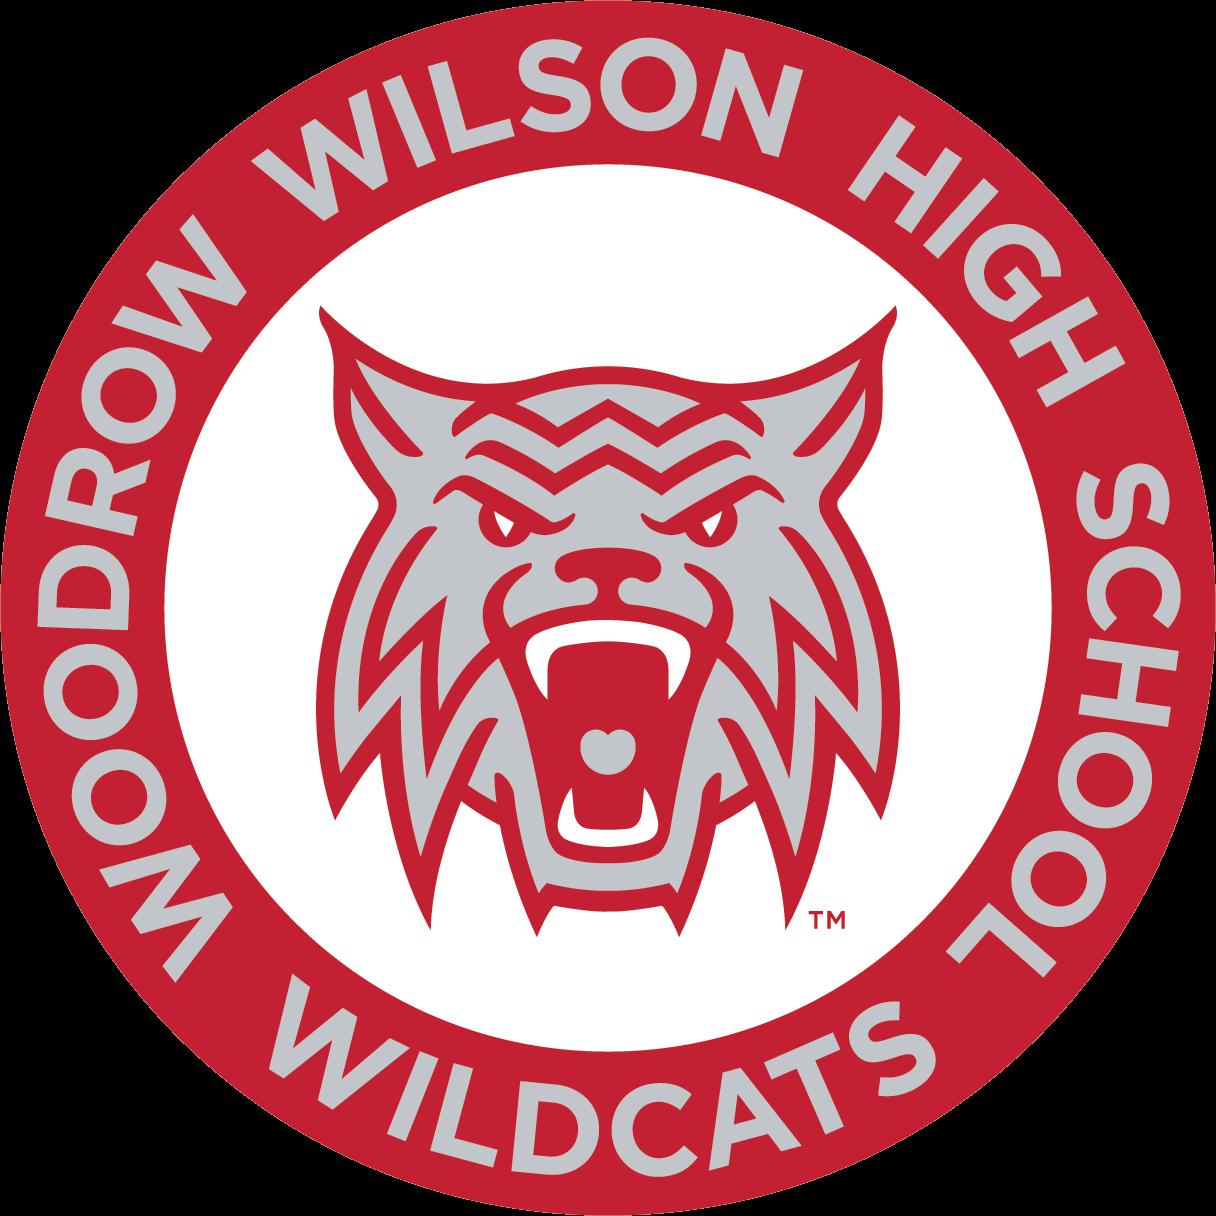 Woodrow Wilson Wildcat logo